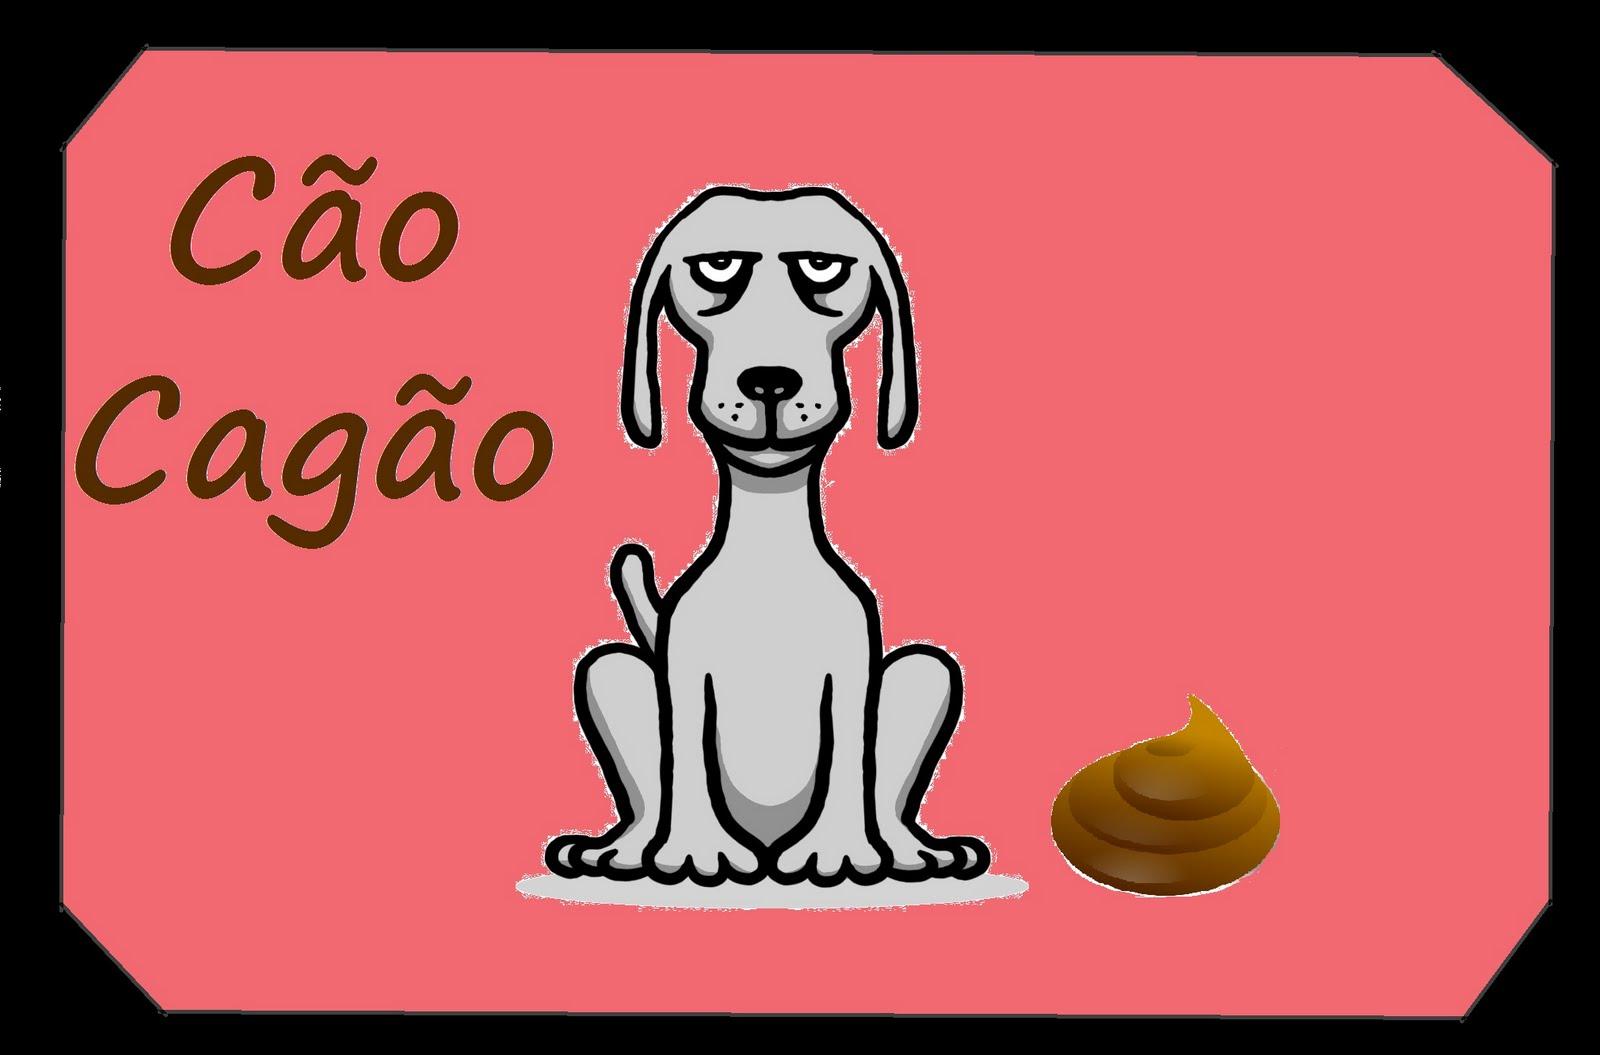 Cão Cagão